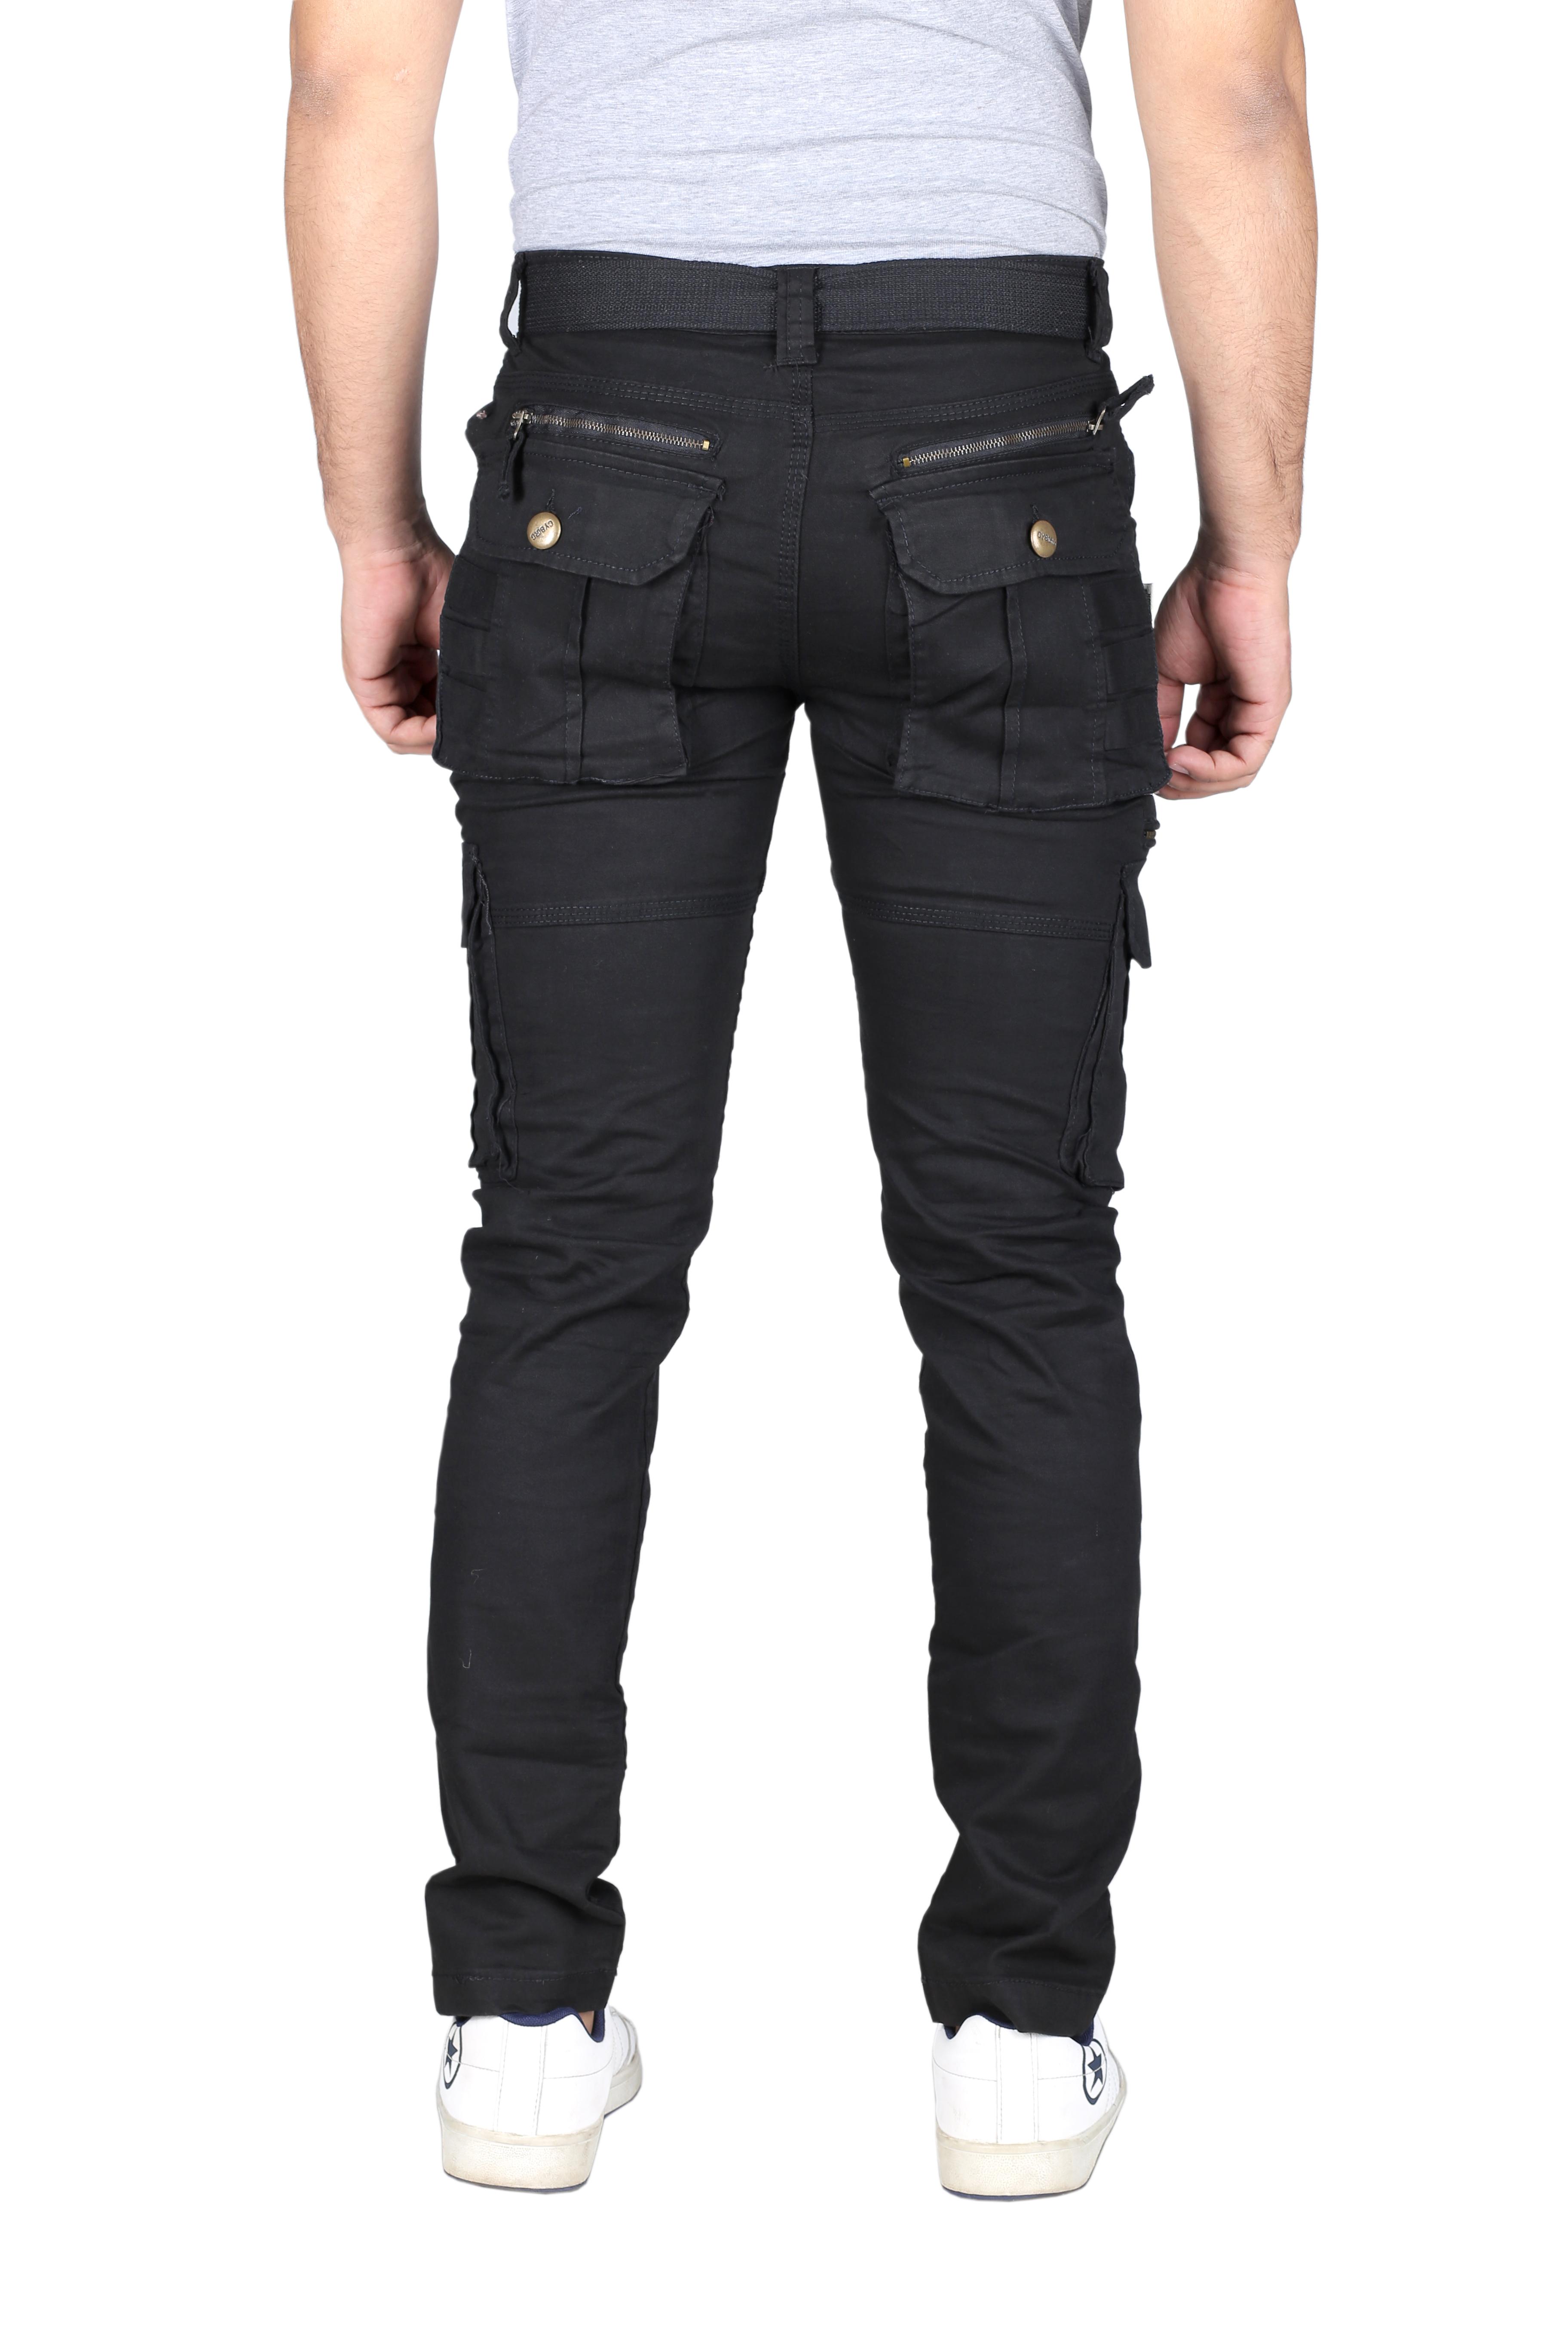 Cargo Men's Pants